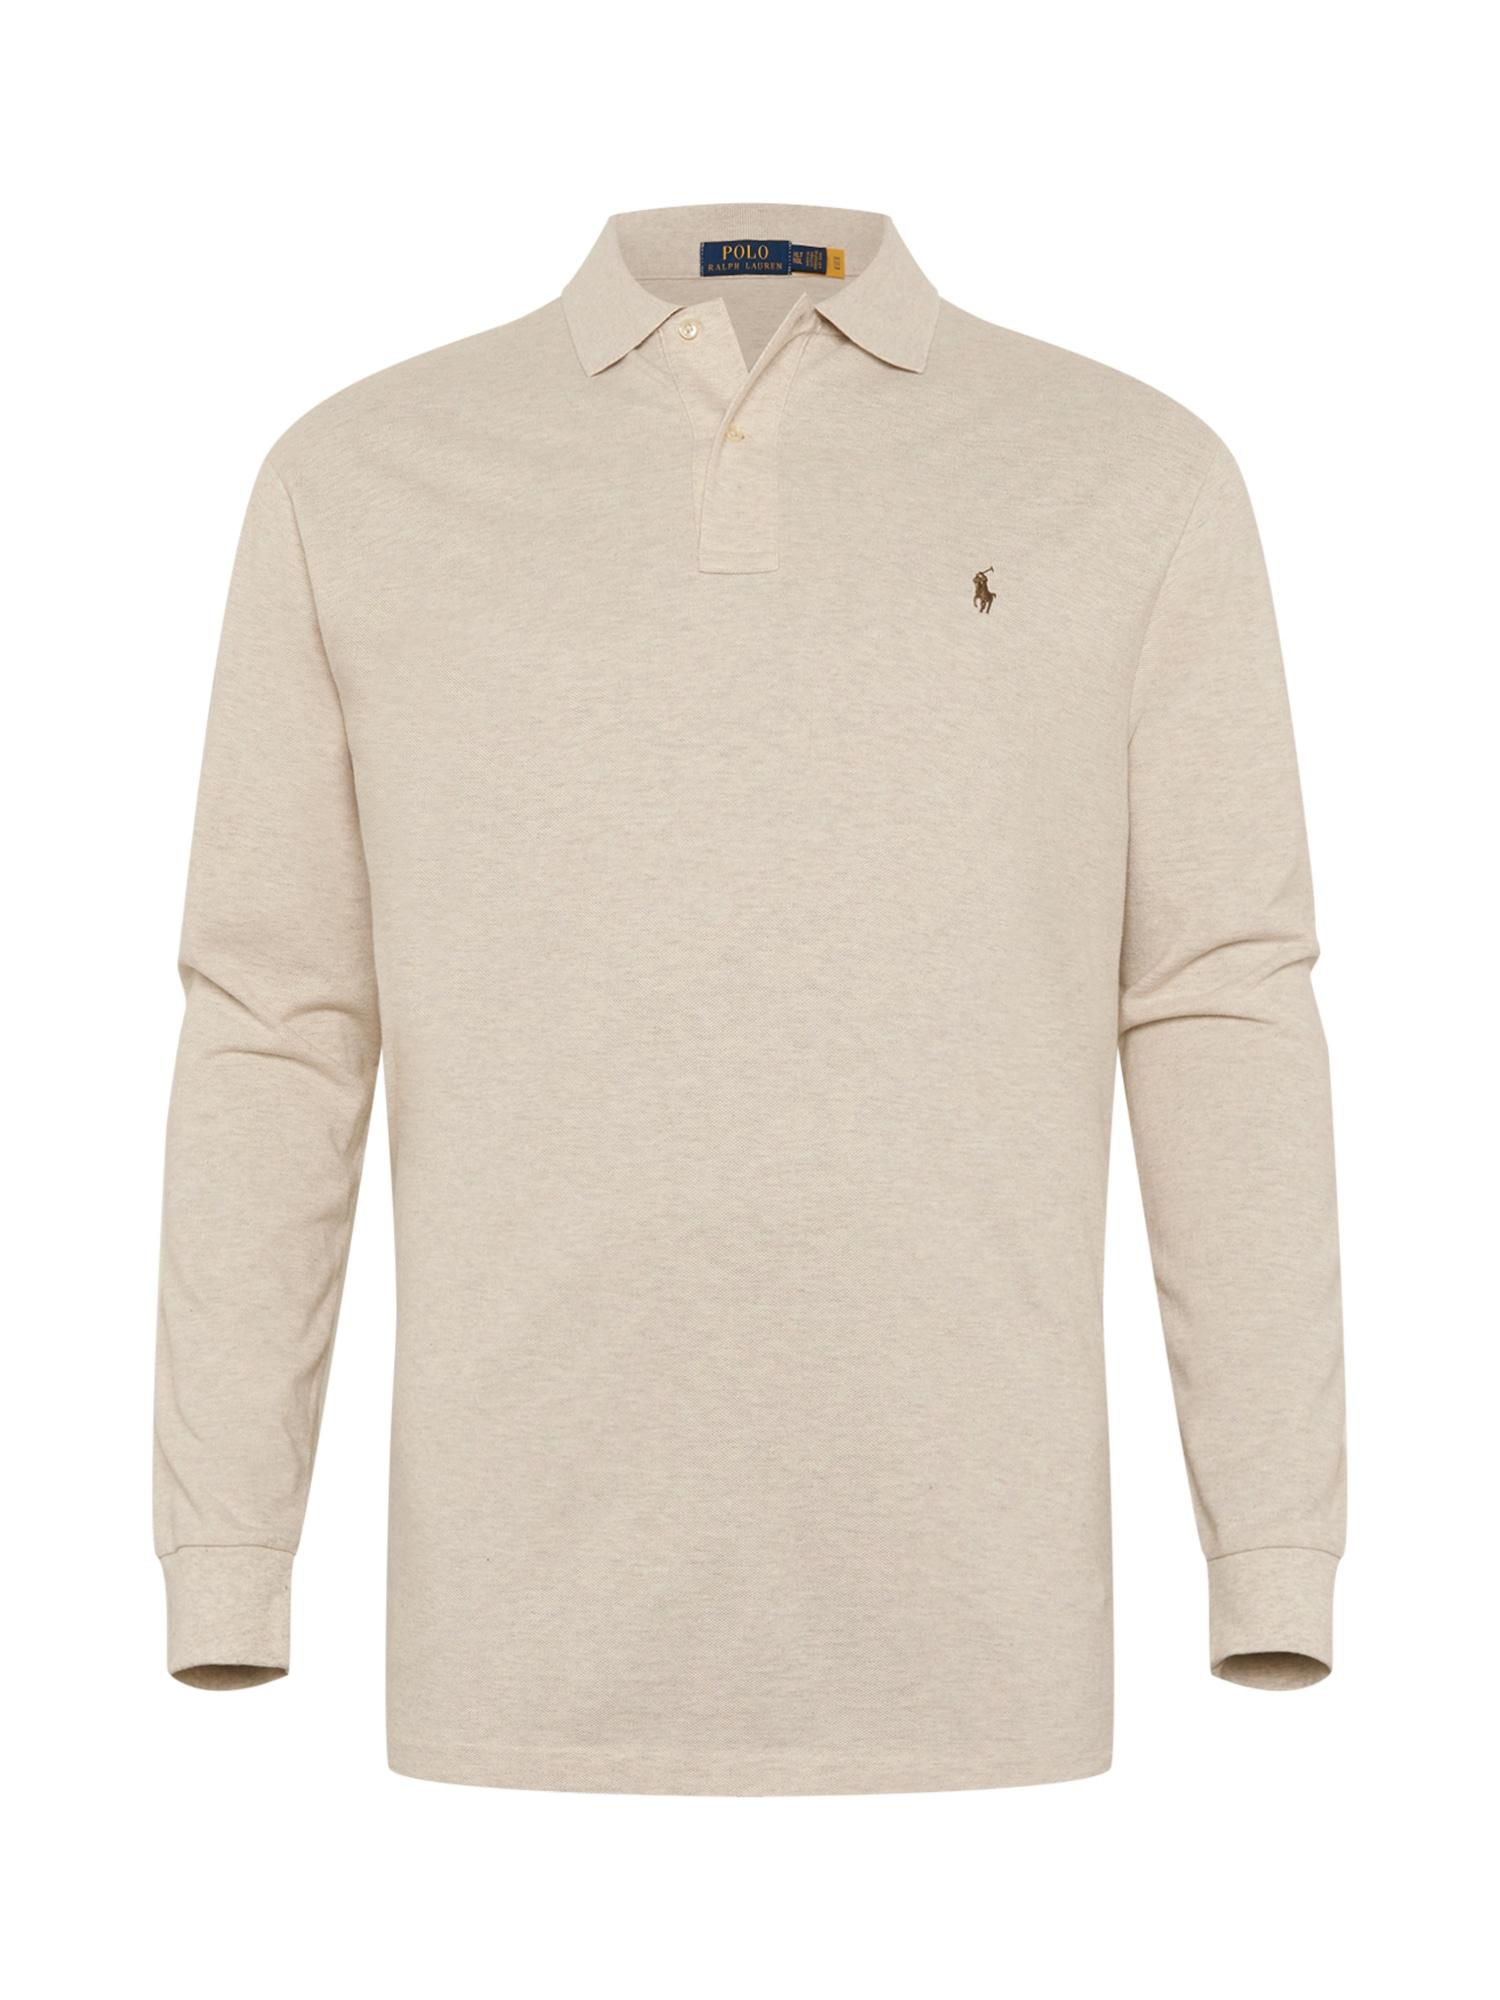 POLO RALPH LAUREN Marškinėliai rausvai pilka